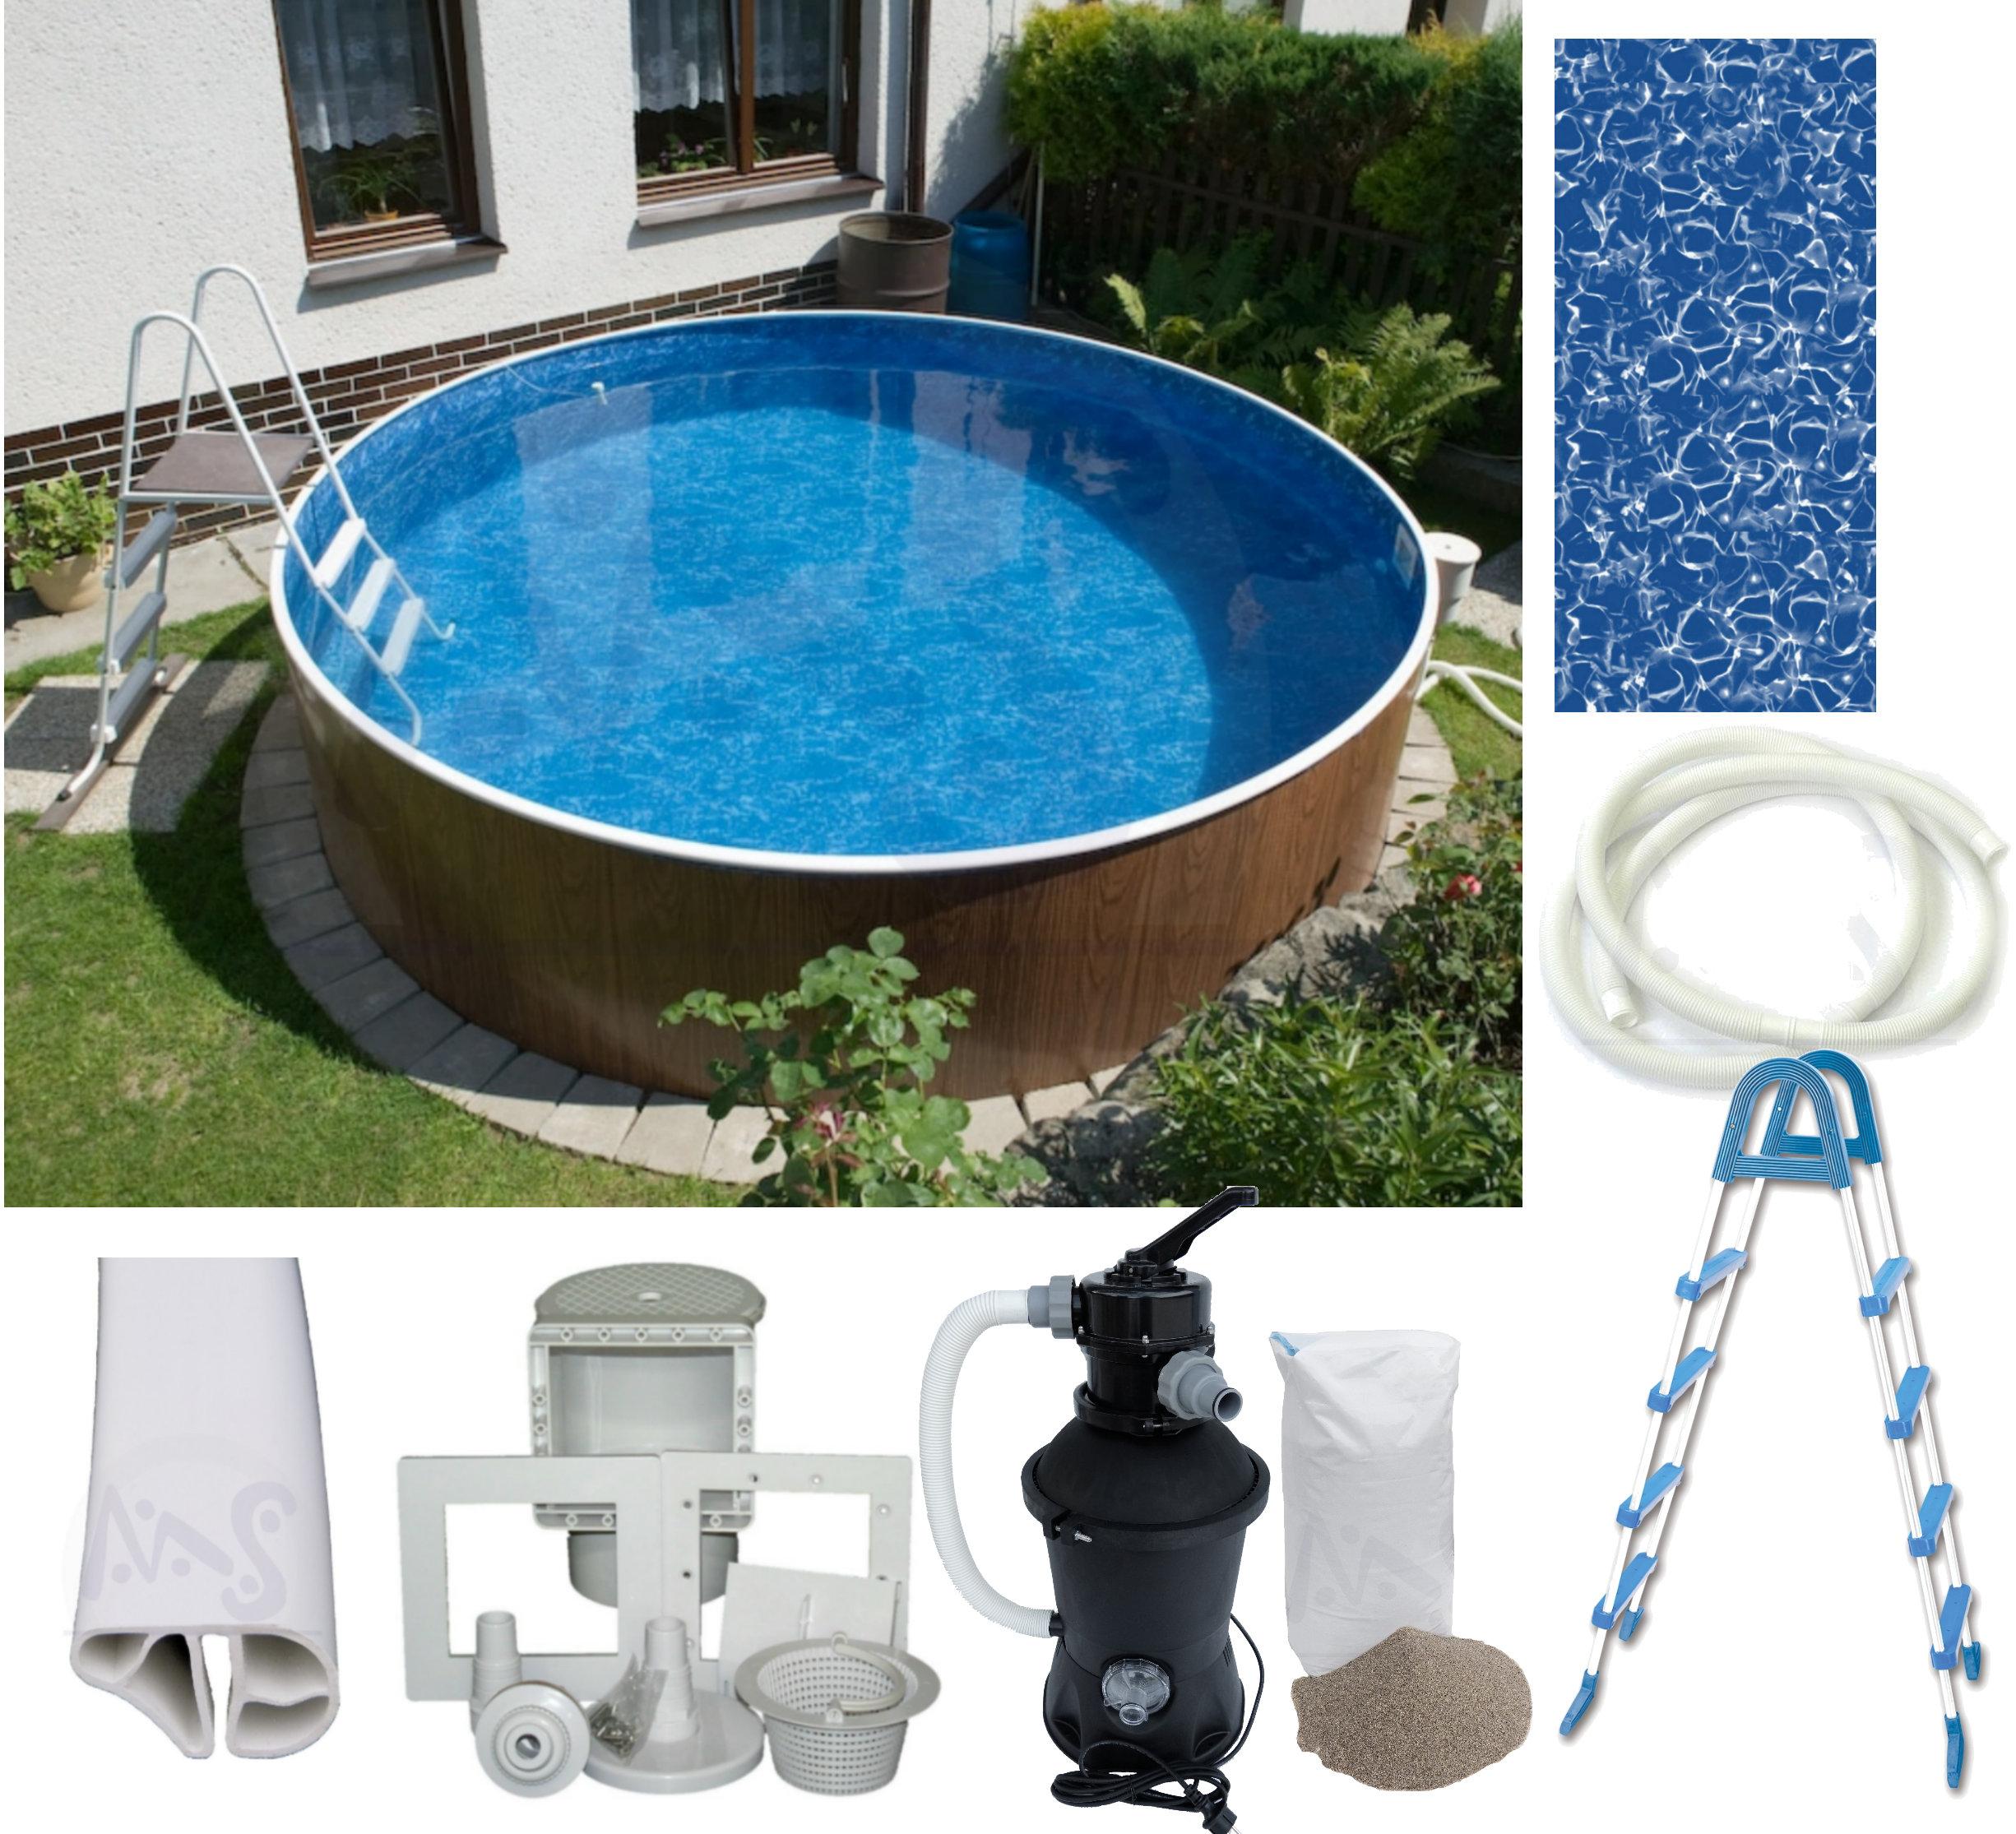 Favorit Schwimmbecken Set Holzoptik 3,60 x 1,07 m mit Sandfilter WL02